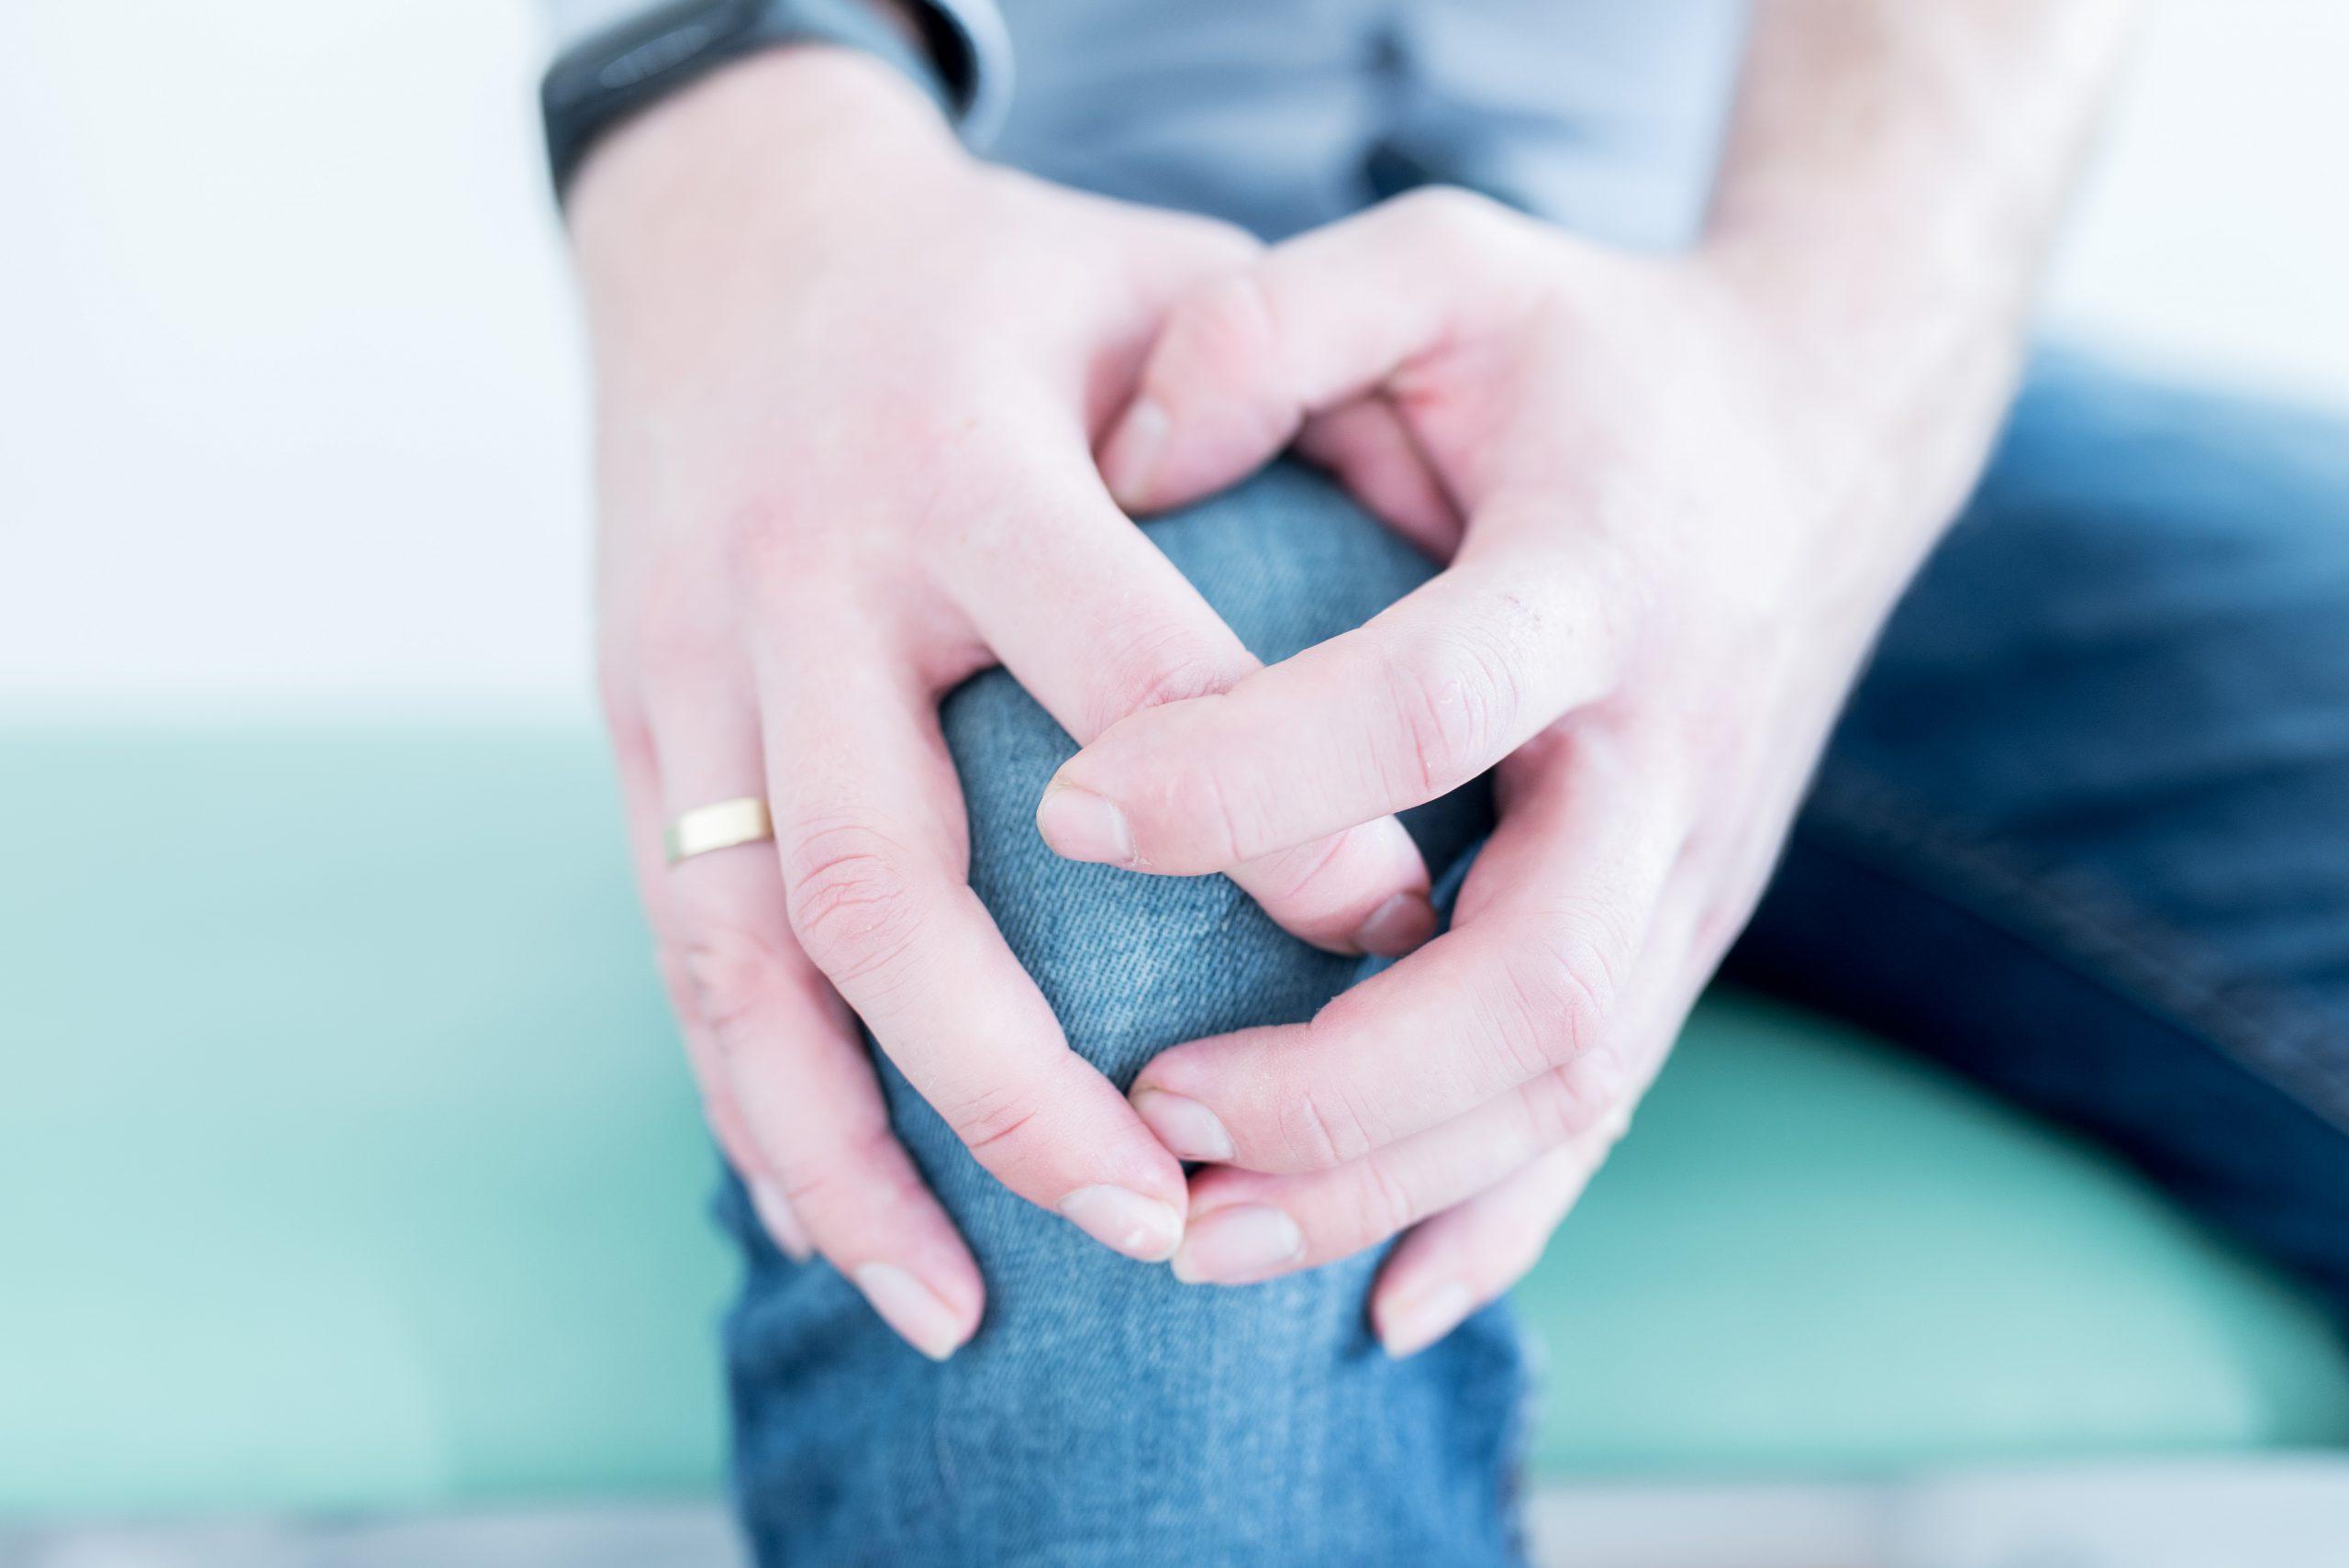 bol pachwiny rehabilitacja krakow fizjoterapeuta krakow